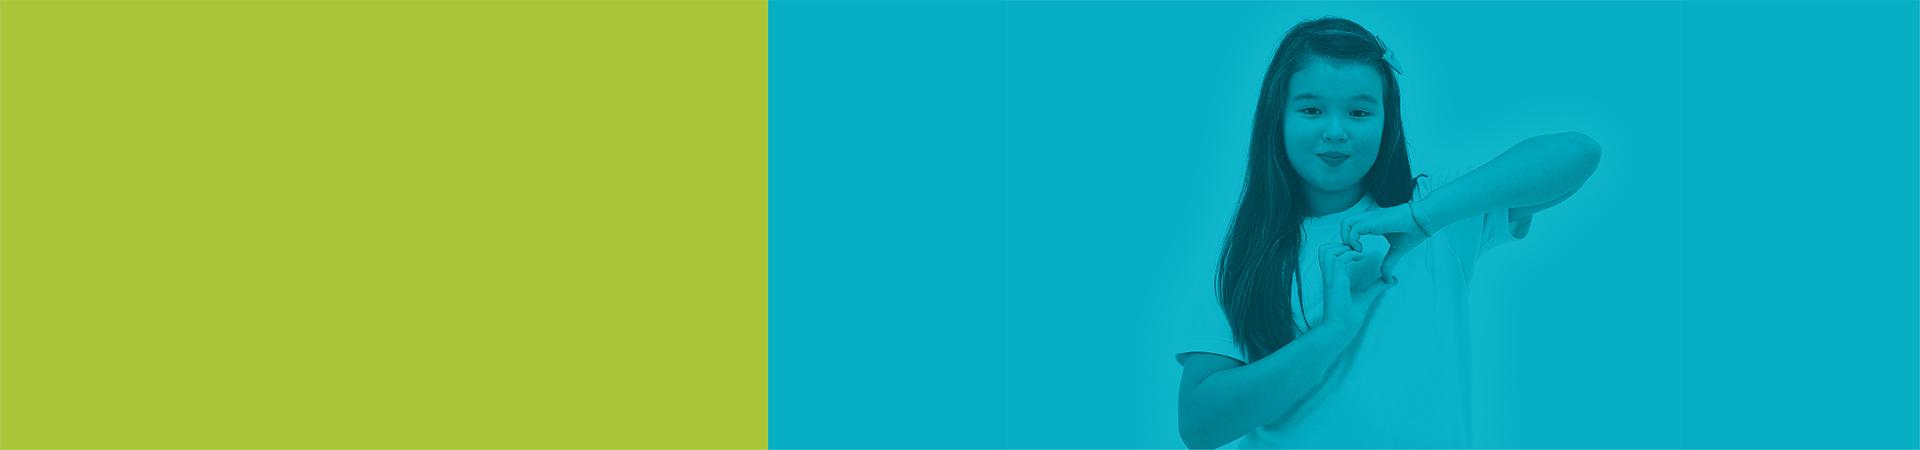 Banner de topo interno - Matrículas Escola de Aplicação